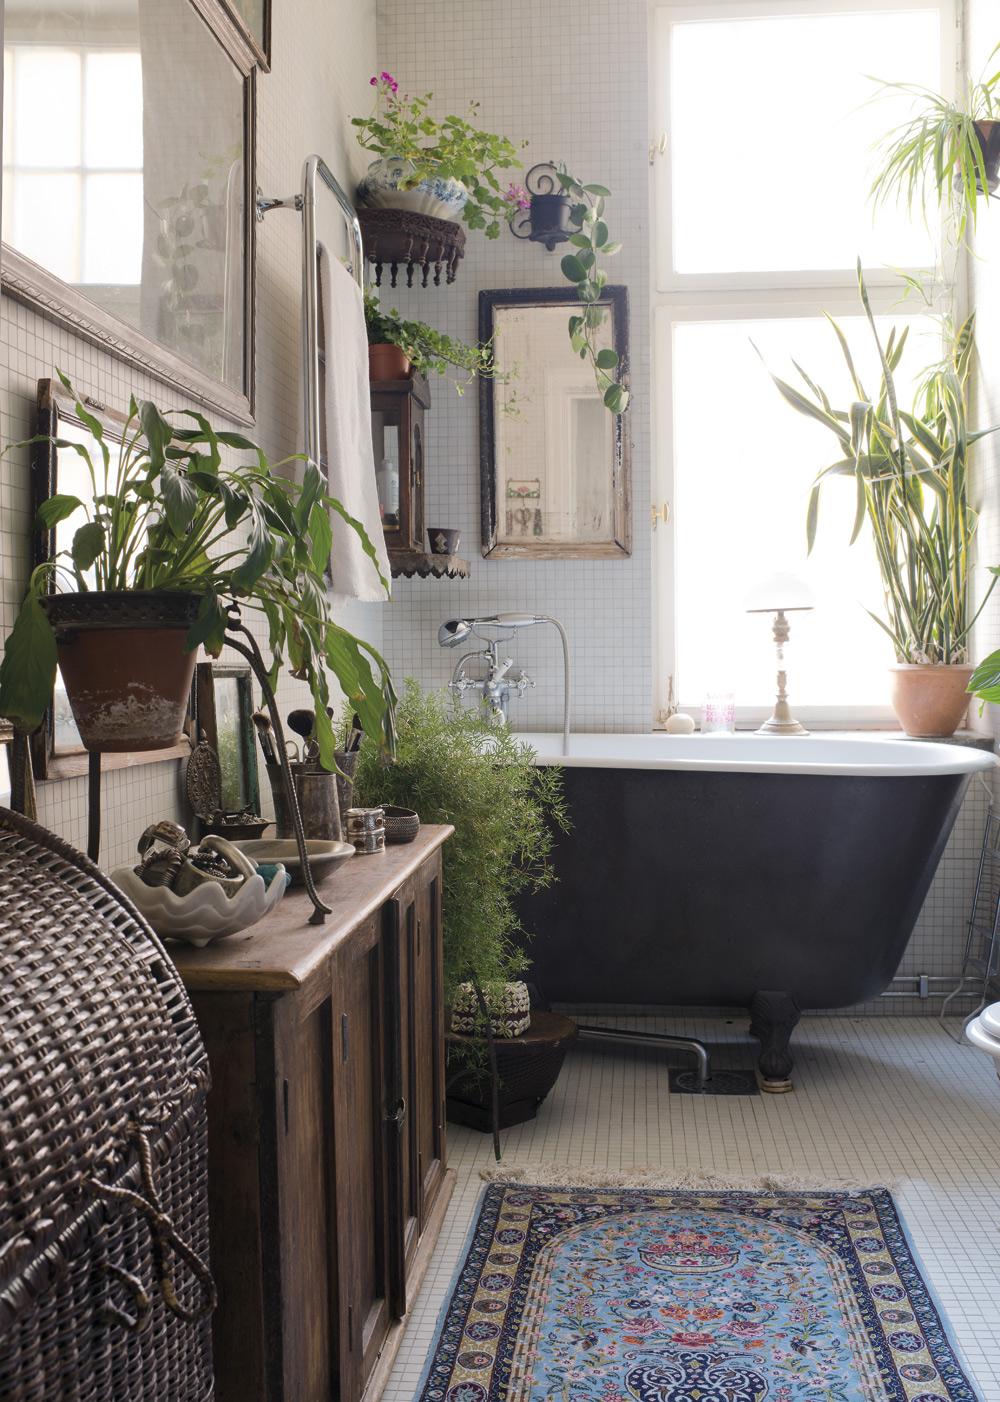 BADRUMMET. Ett friståendebadkar på tassar från Magasin 13sätter stilen i badrummet. Underbart med de gröna växterna till.